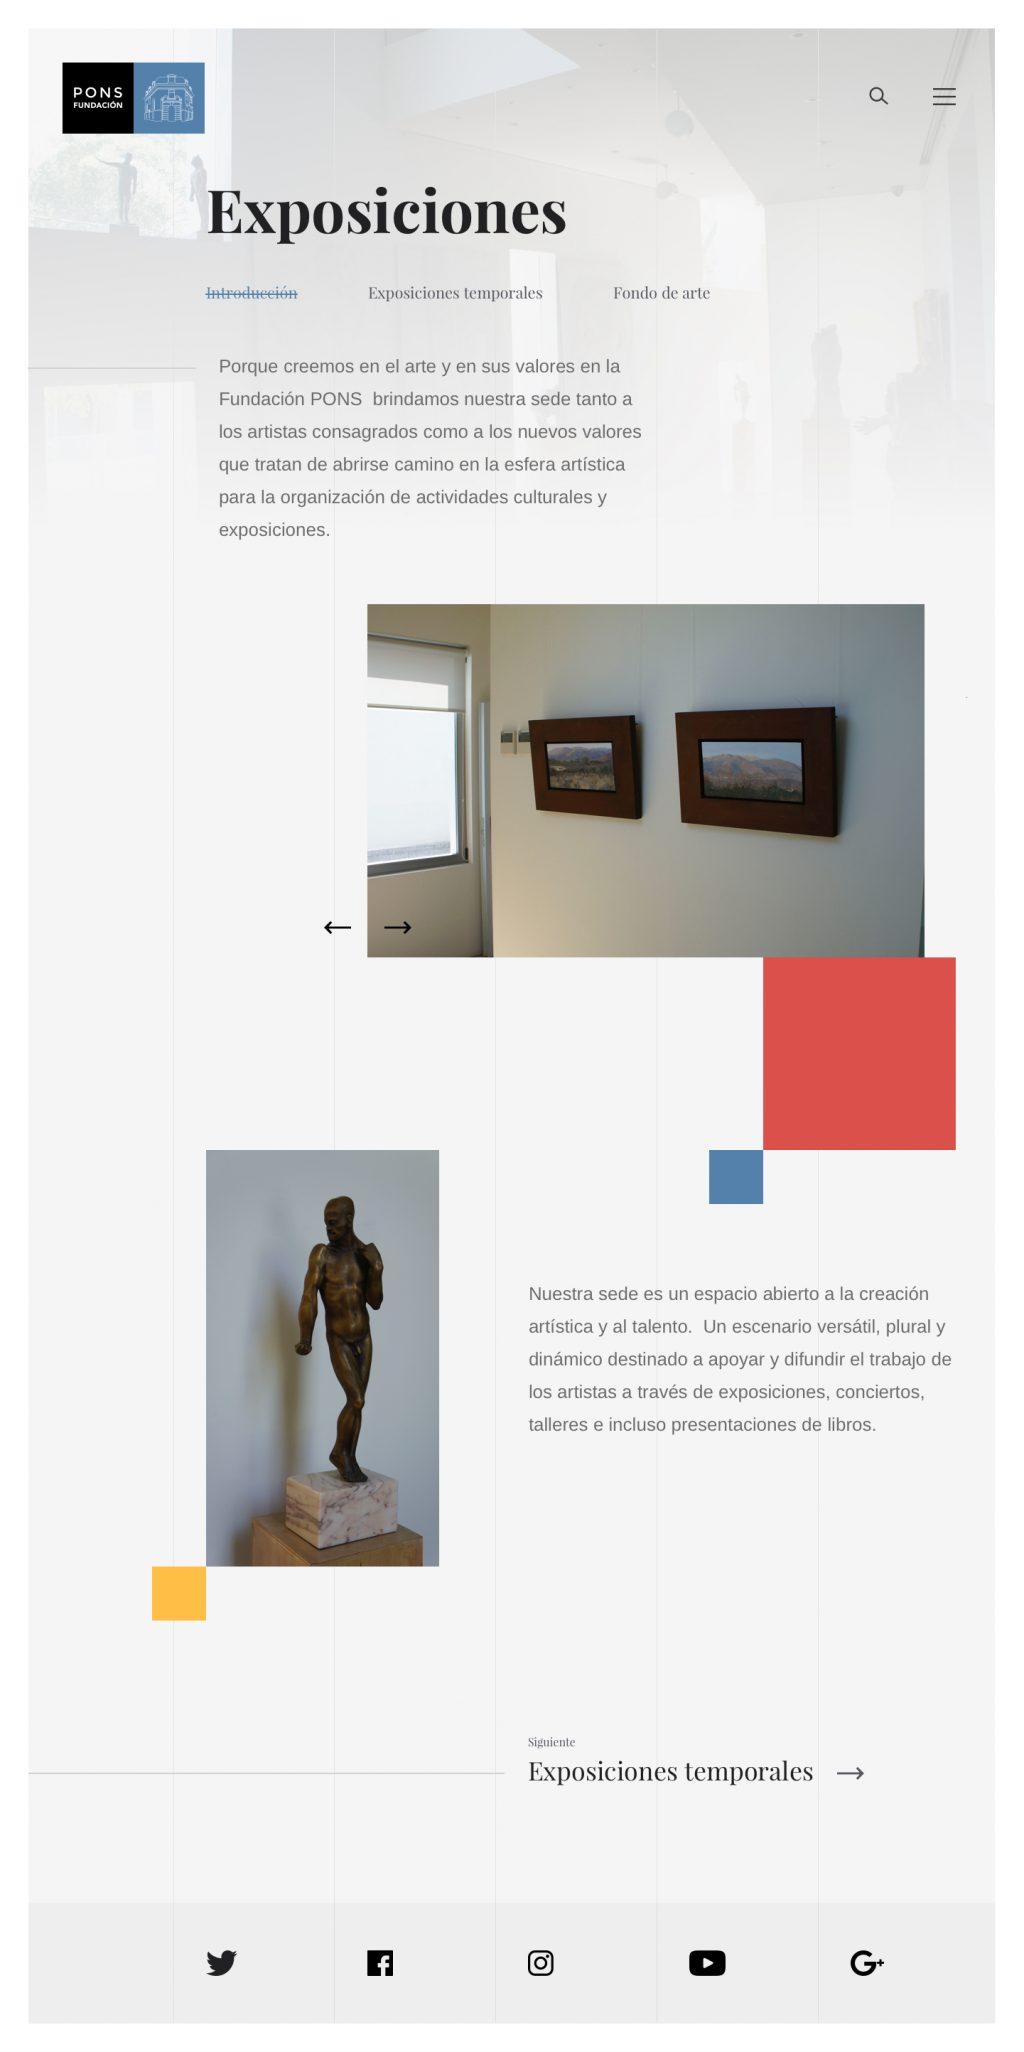 03 exposiciones - introduccion